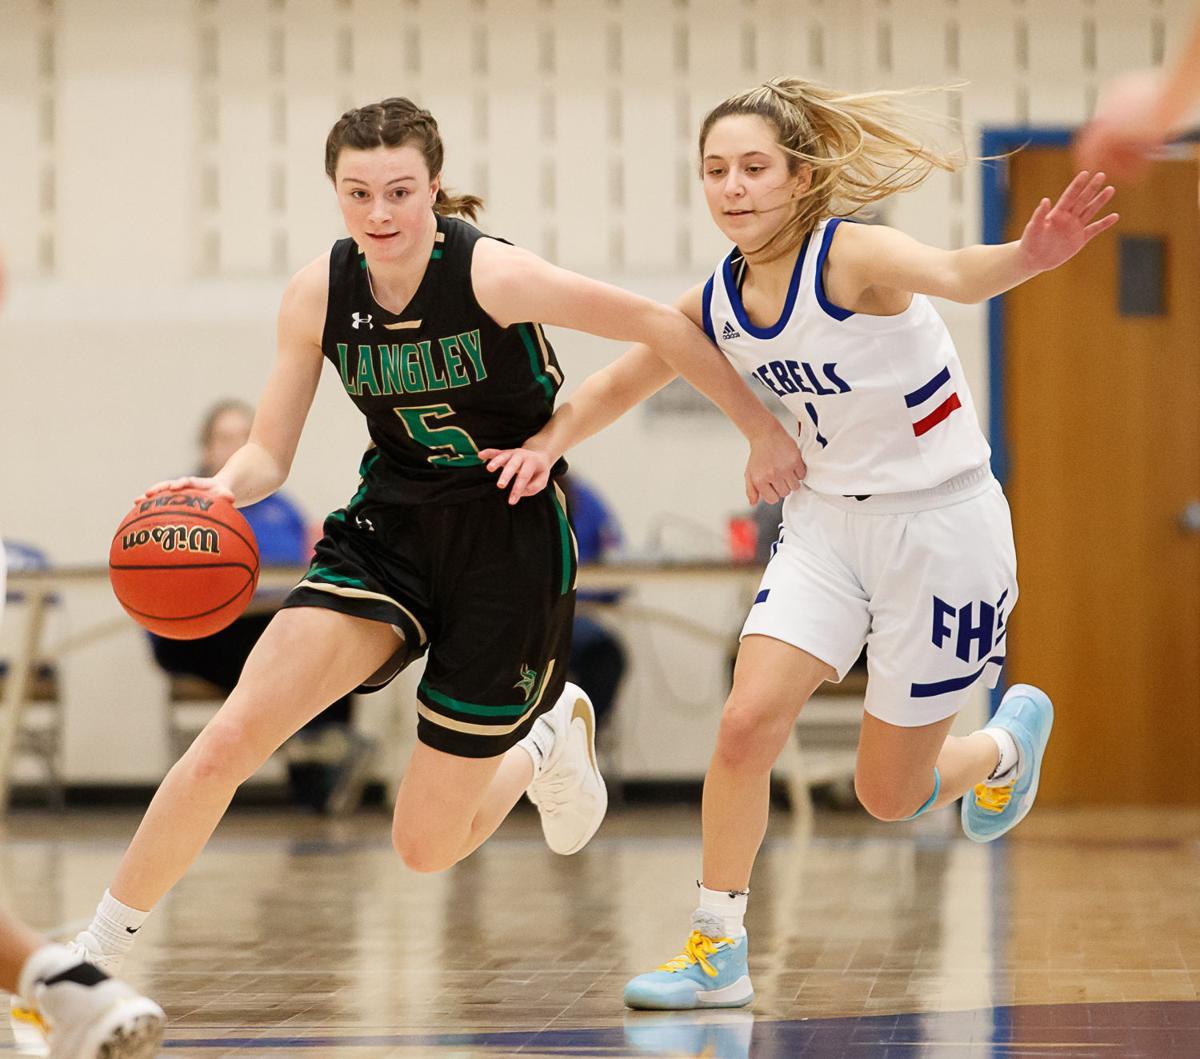 Langley girls basketball 1